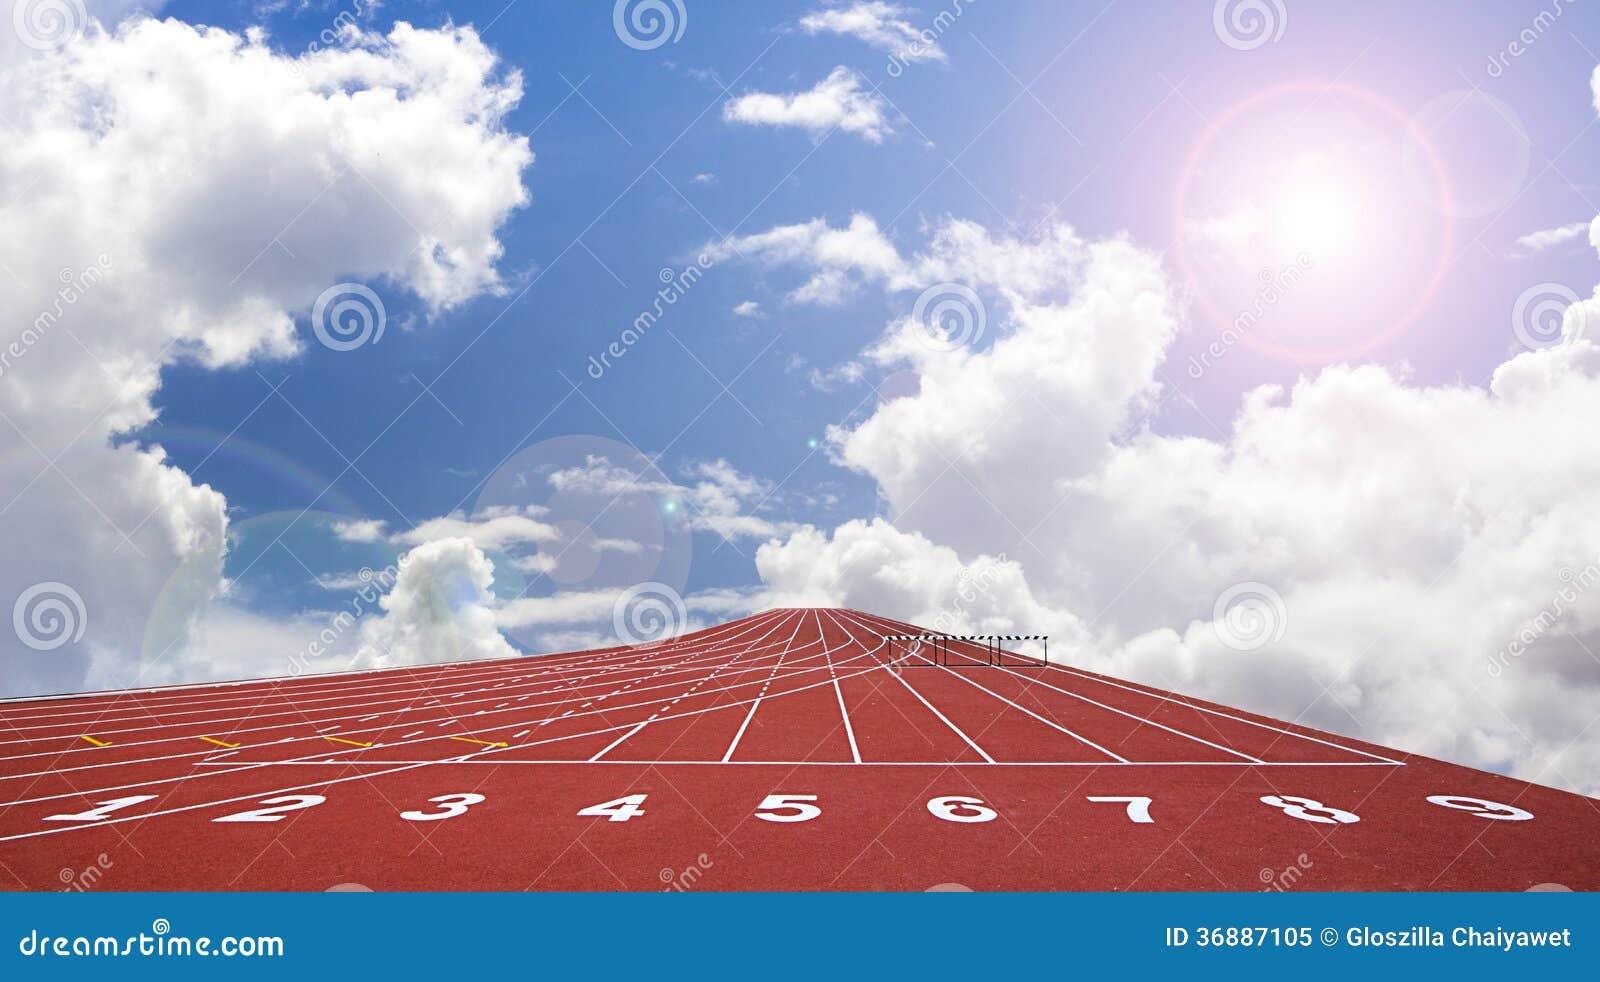 Download Inizi La Pista. Allini Su Una Pista Corrente Rossa Immagine Stock - Immagine di concorso, salute: 36887105